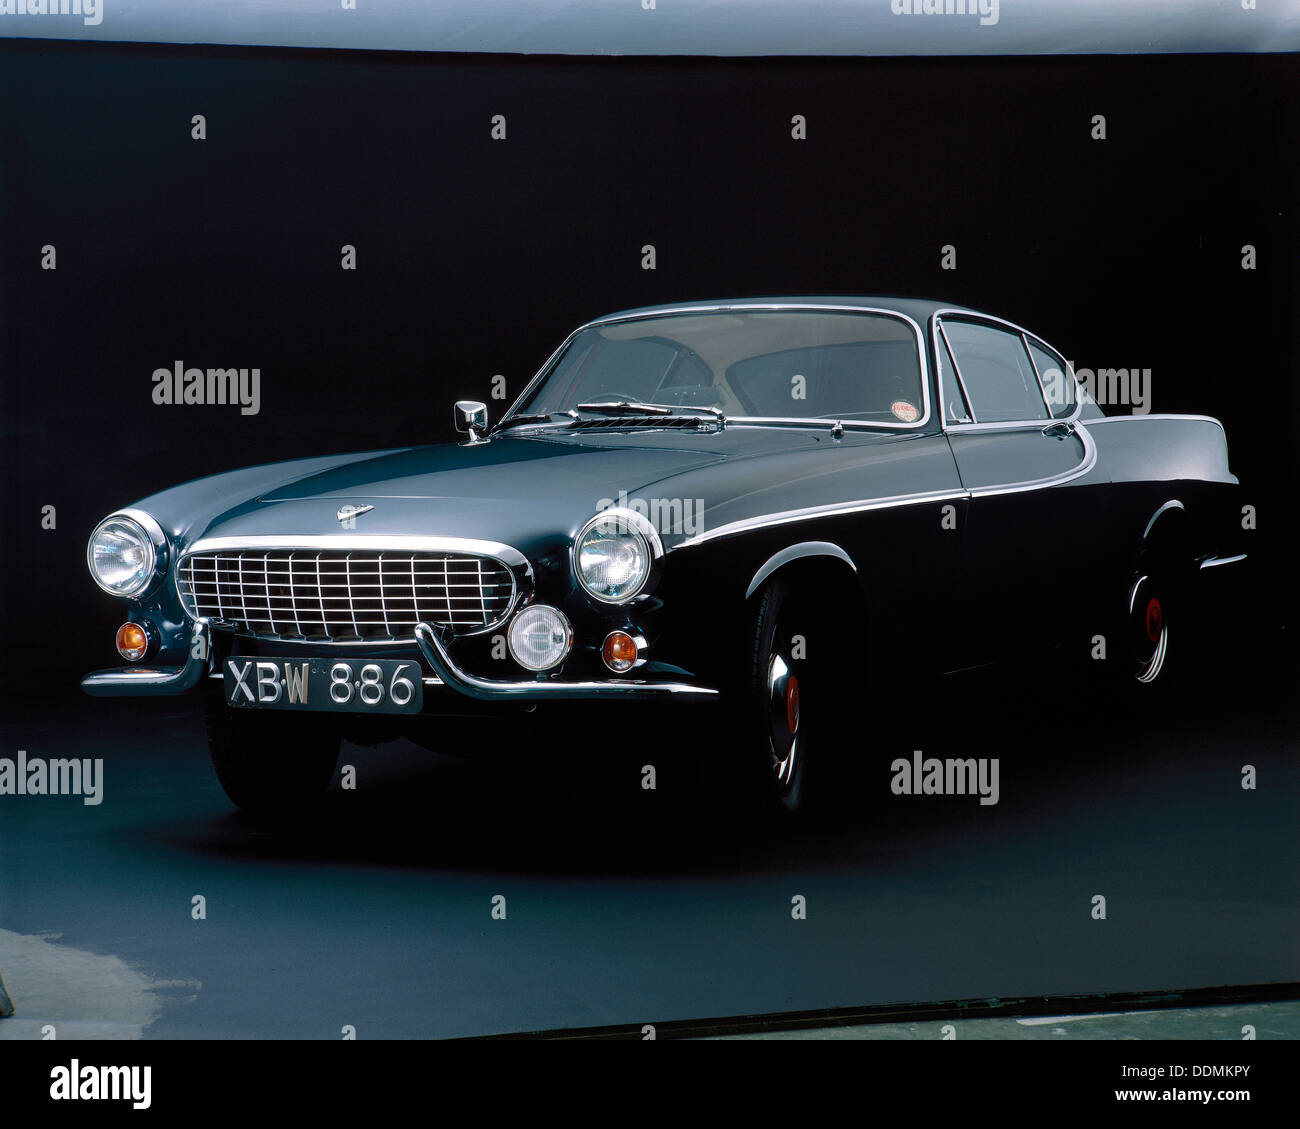 Motor Car 1800s Stock Photos & Motor Car 1800s Stock Images - Alamy